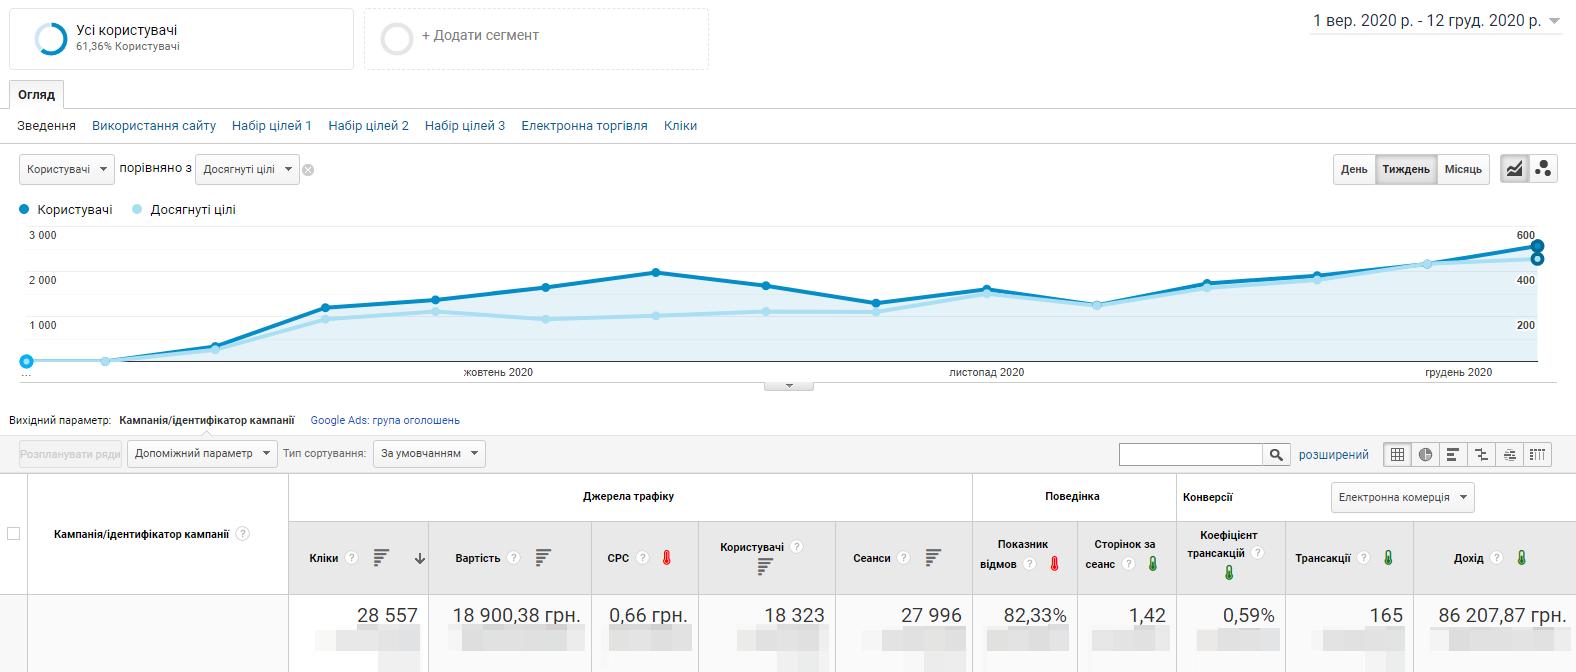 gs5u Google Shopping: як ми отримали 600+ лідів за 3 місяці в сільськогосподарській тематиці